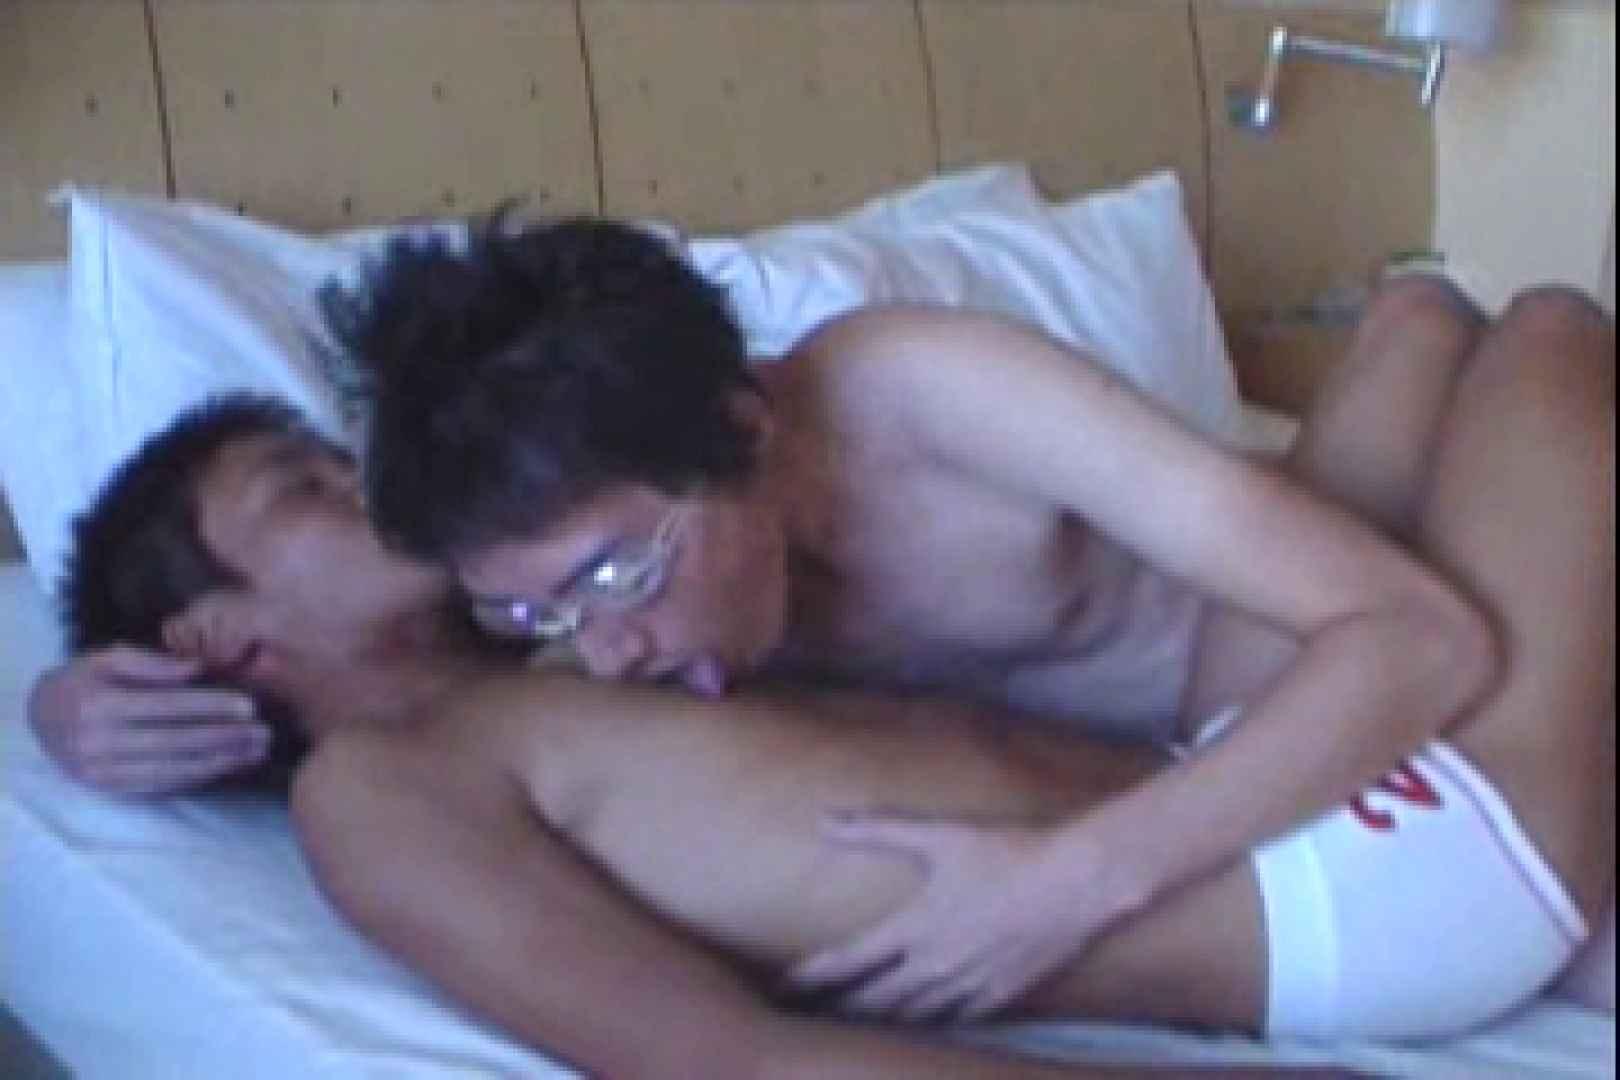 ノンケよしき君のイカされ日記…vol.05 男の世界   ノンケ達のセックス  92画像 47